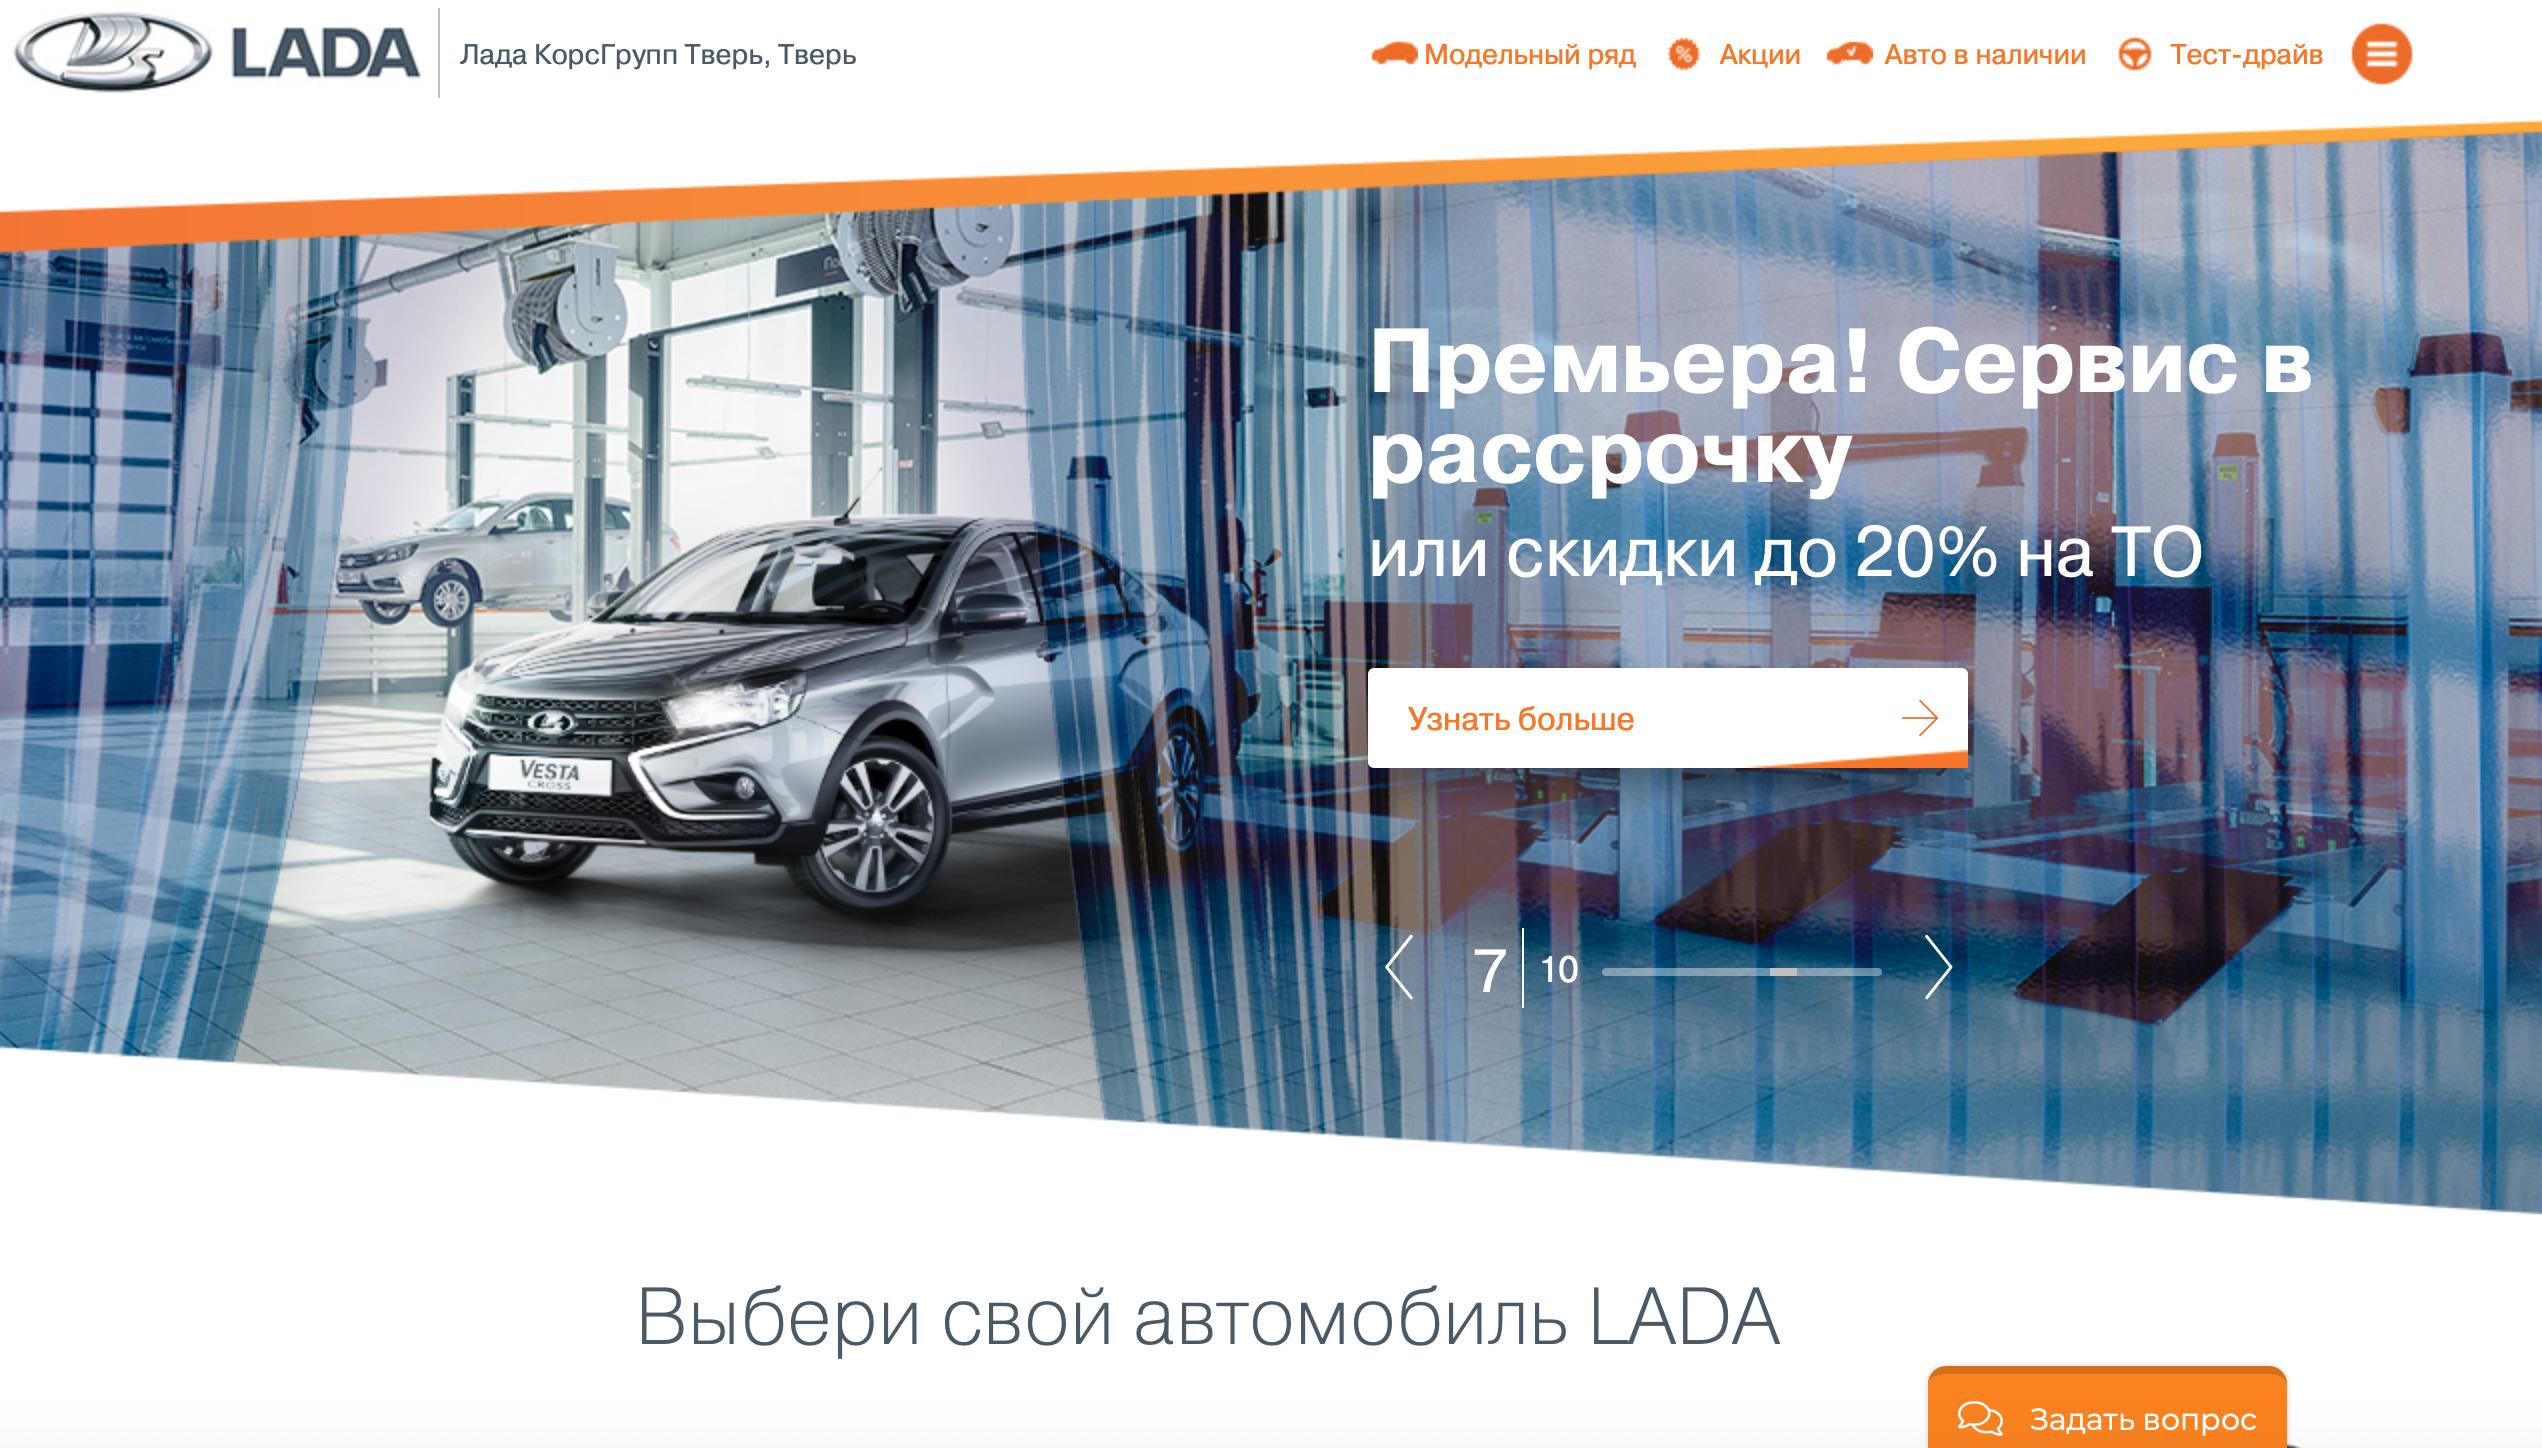 Лада КорсГрупп Тверь - официальный дилер LADA